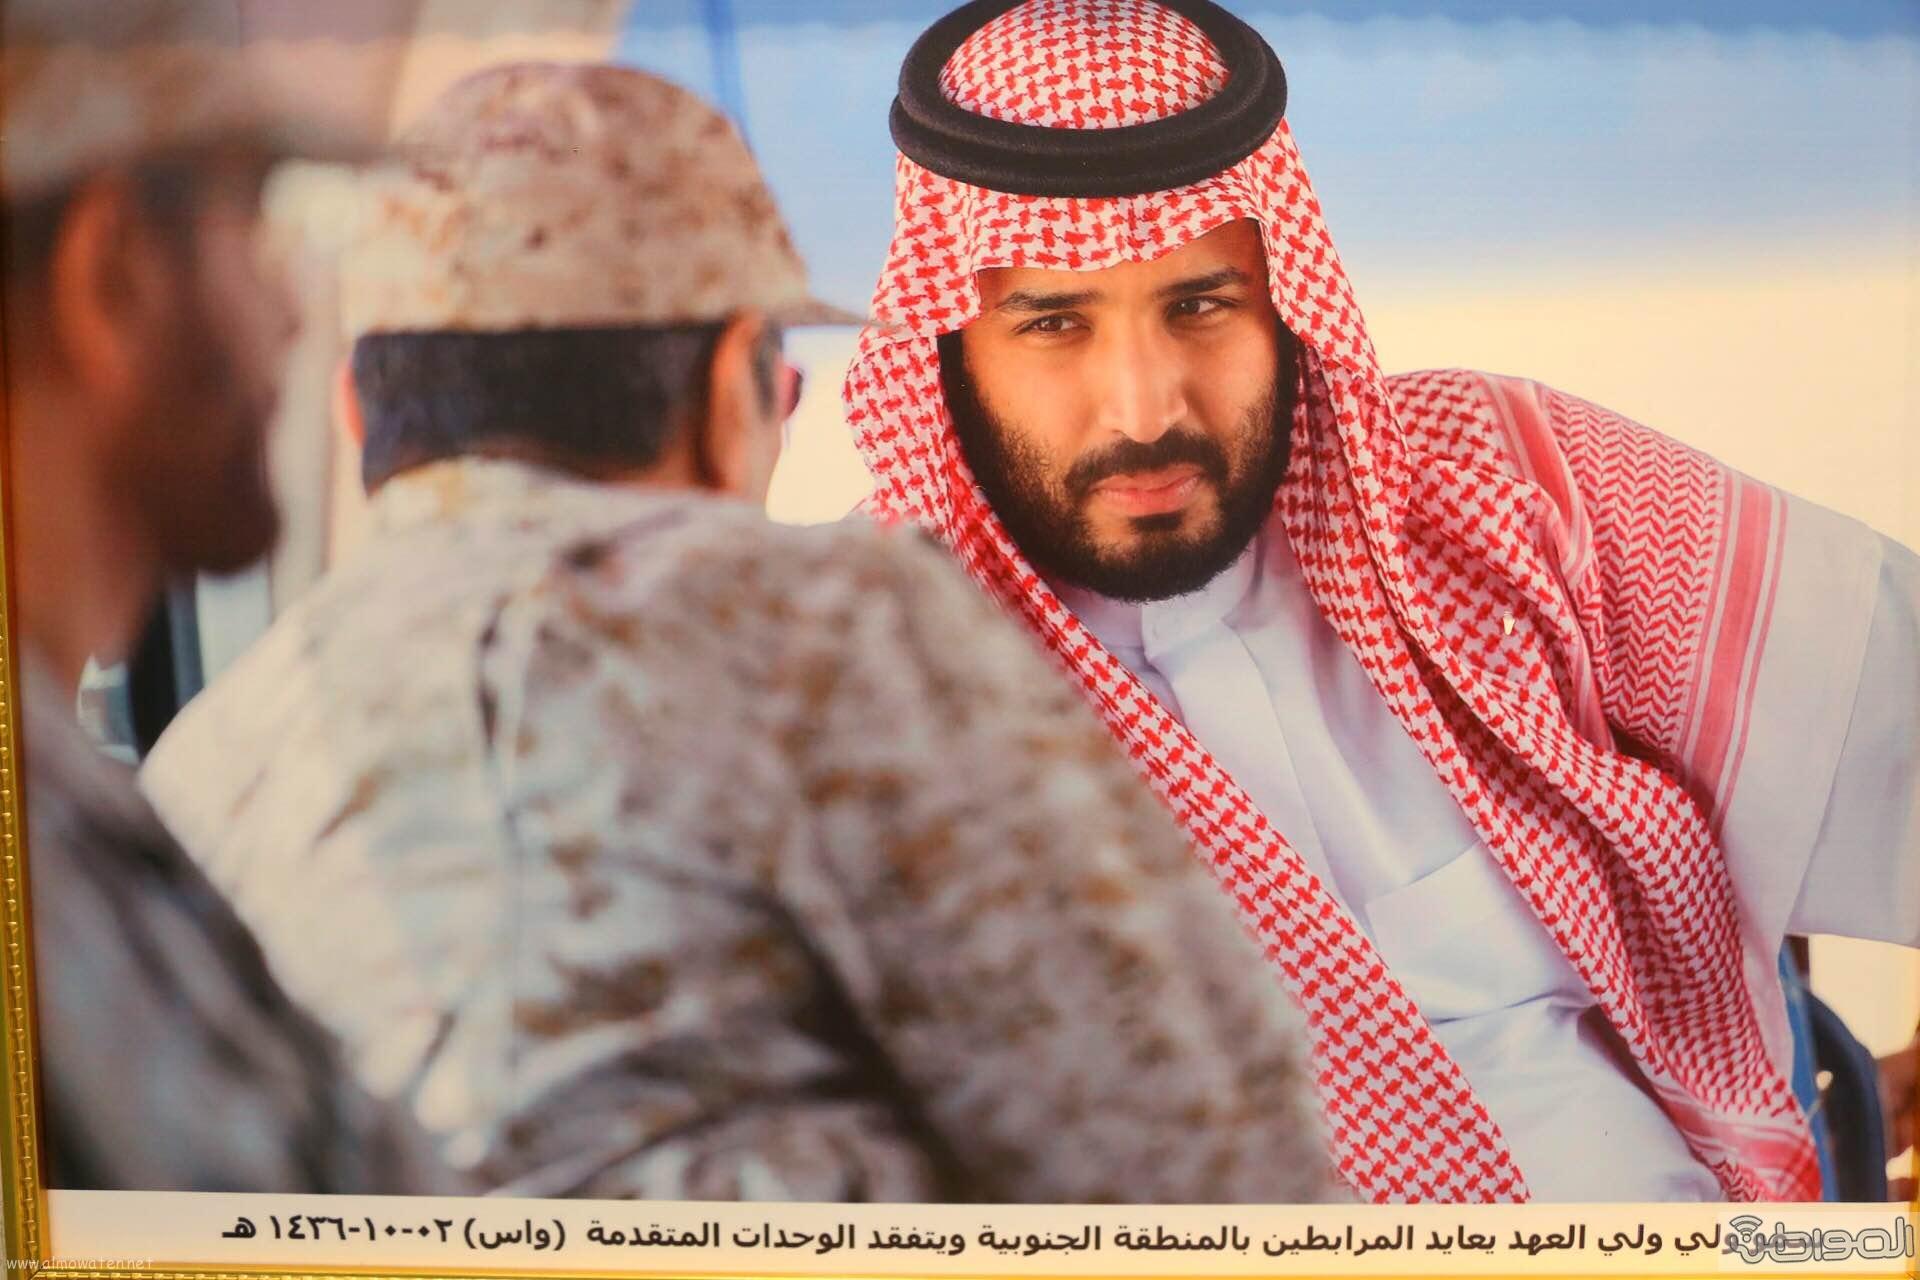 معرض-الوان-السعودية (20)